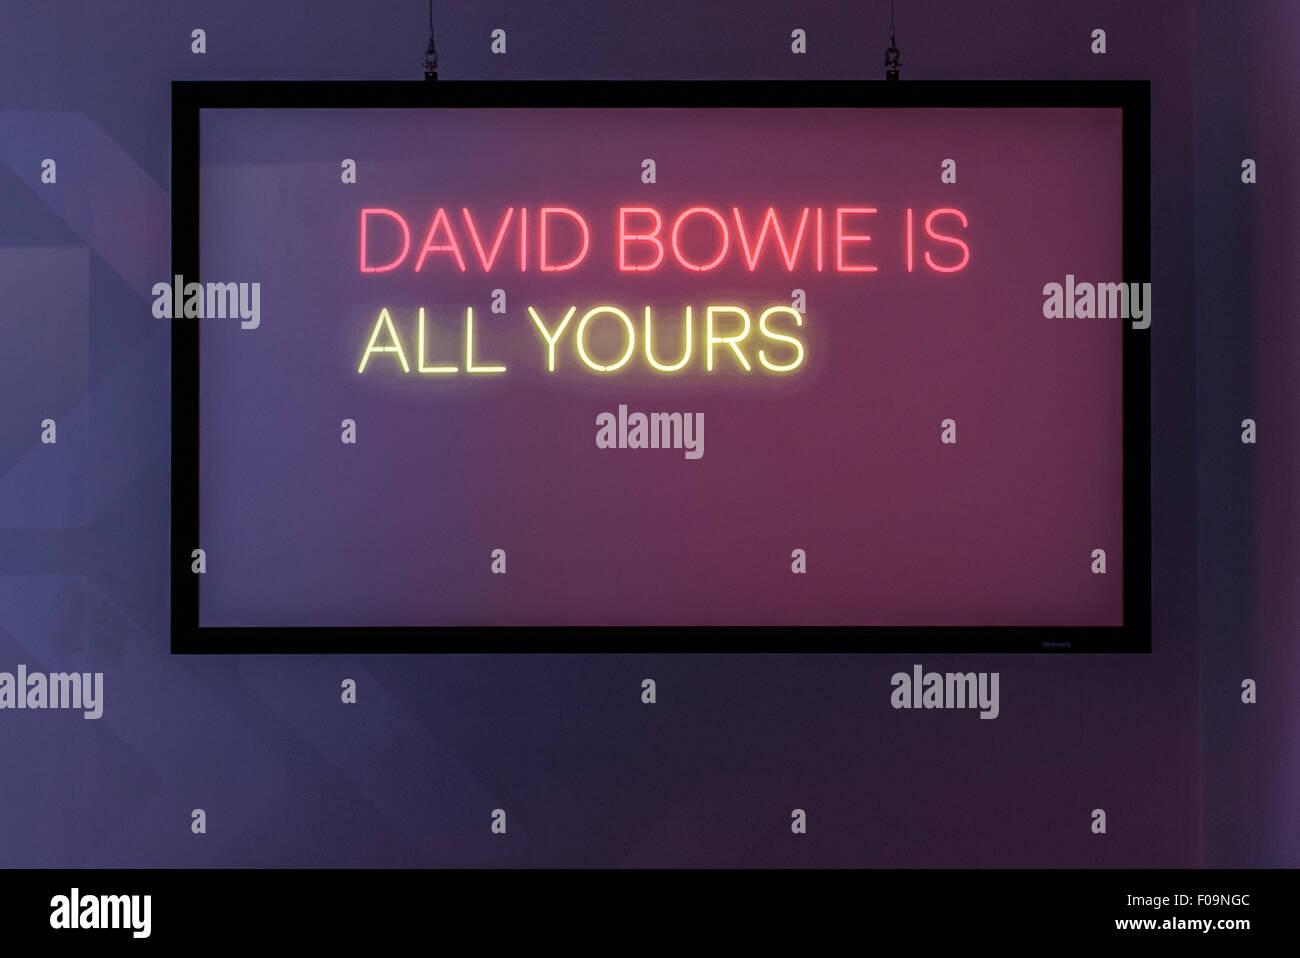 V&A David Bowie è in mostra a ACMI, Melbourne, Australia Immagini Stock